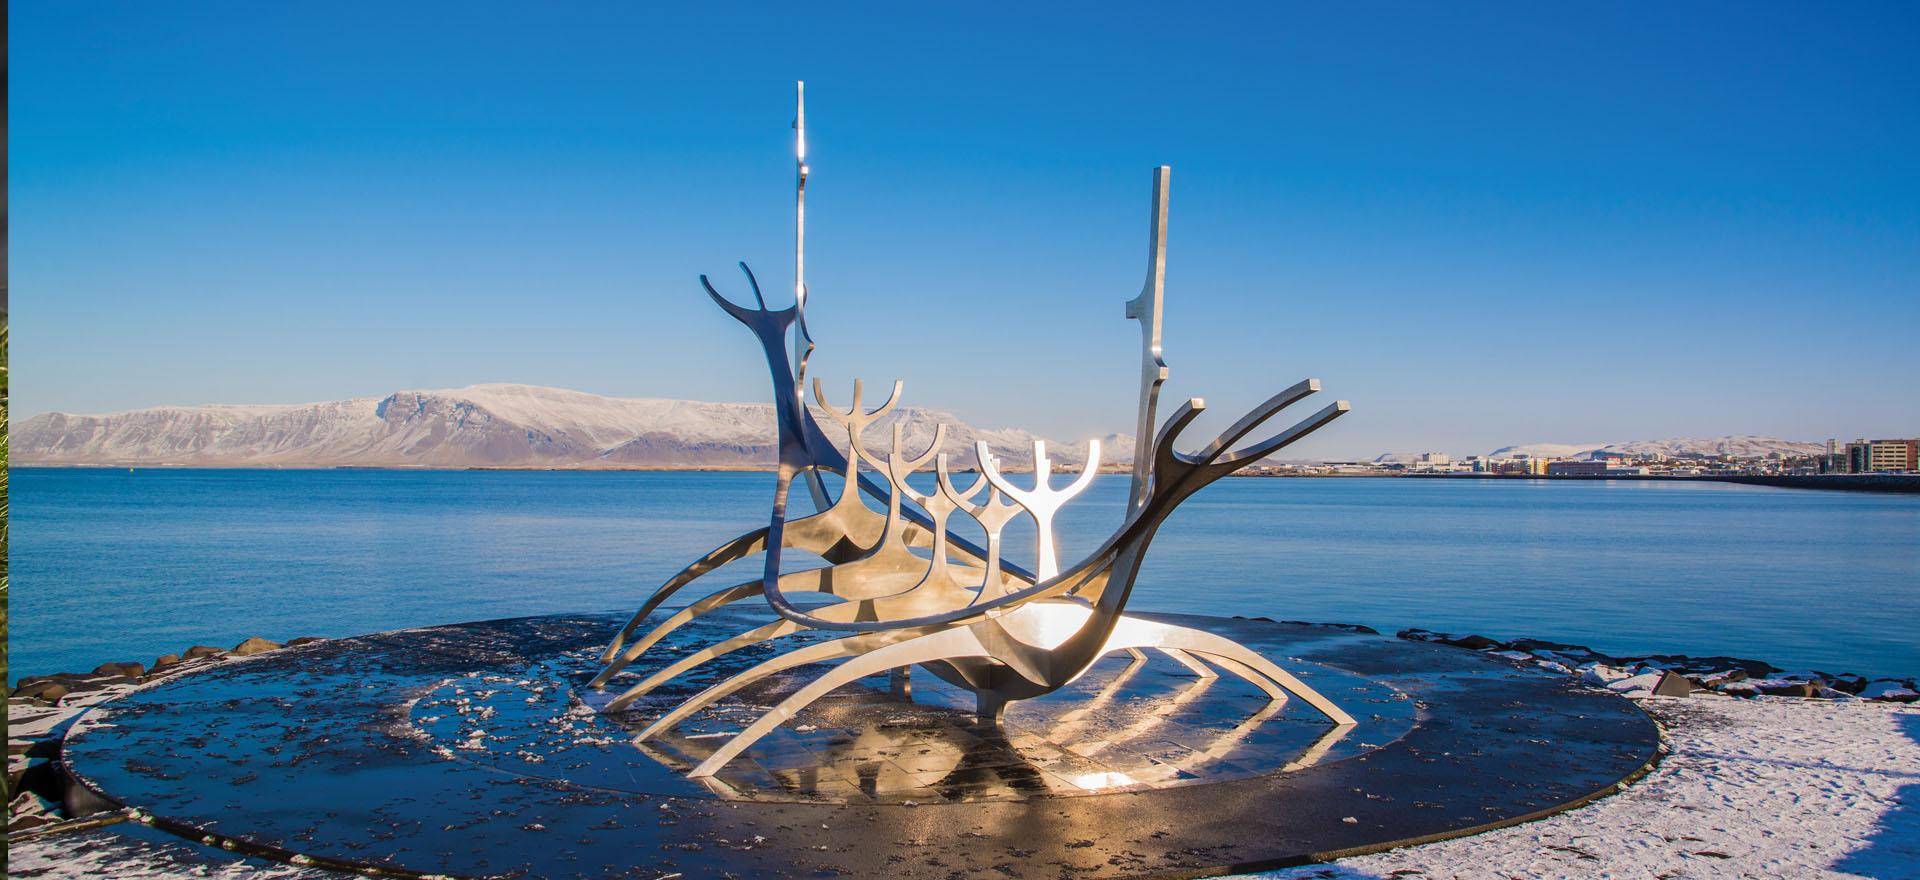 Whale skeleton sculpture in Rejkjavik, Iceland